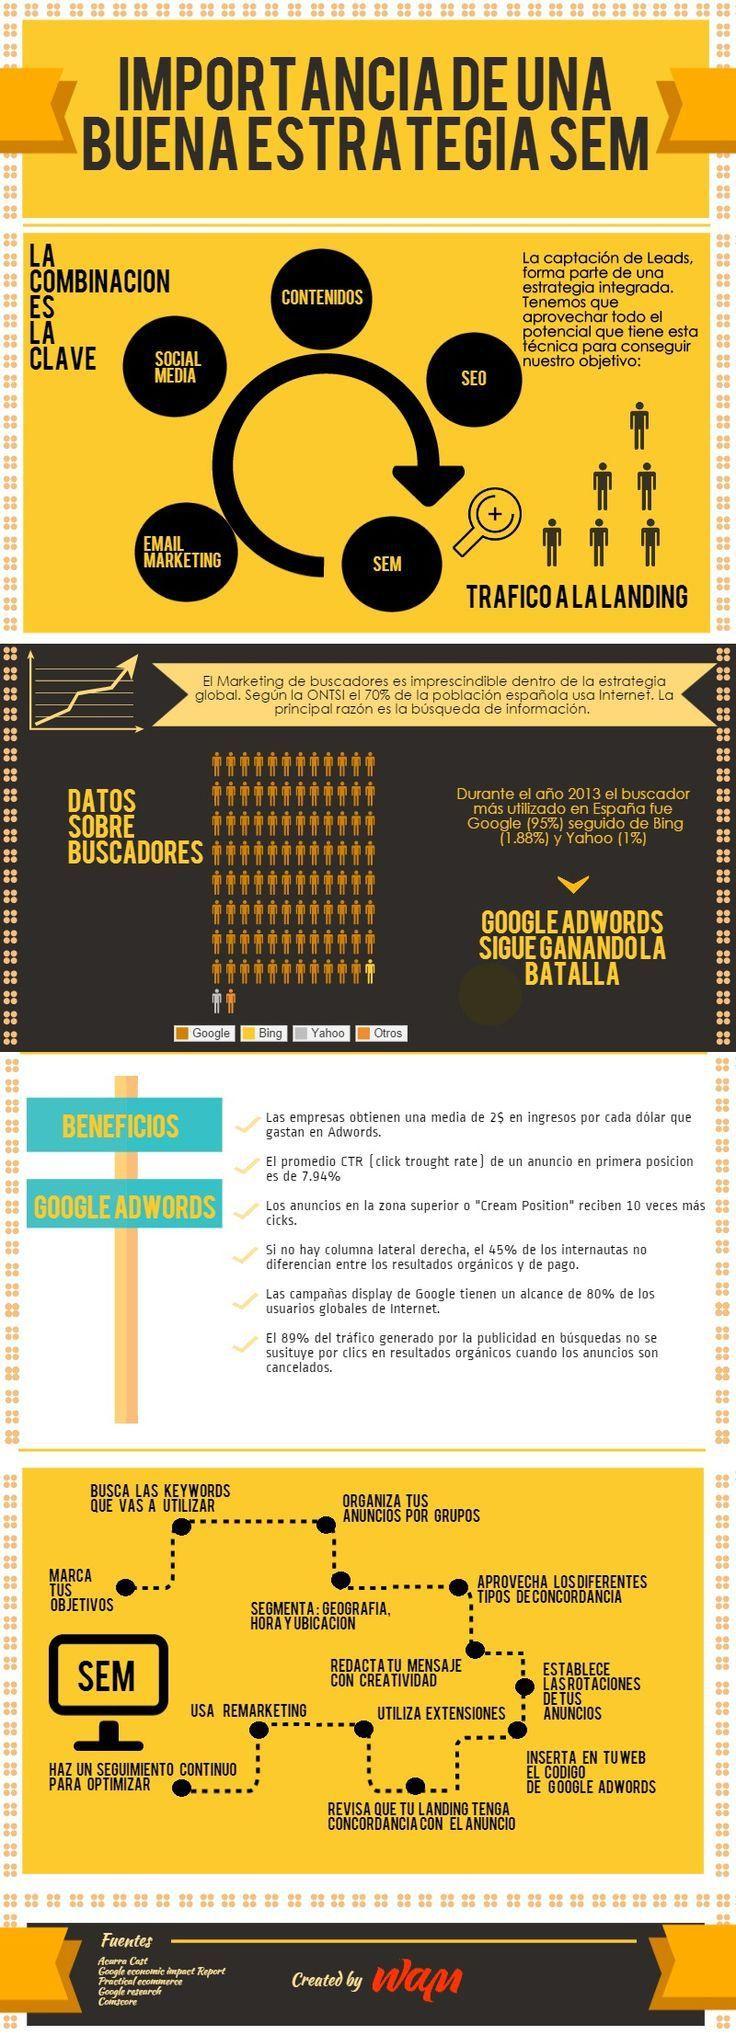 La importancia de una buena estrategia SEM #infografia #infographic #marketing